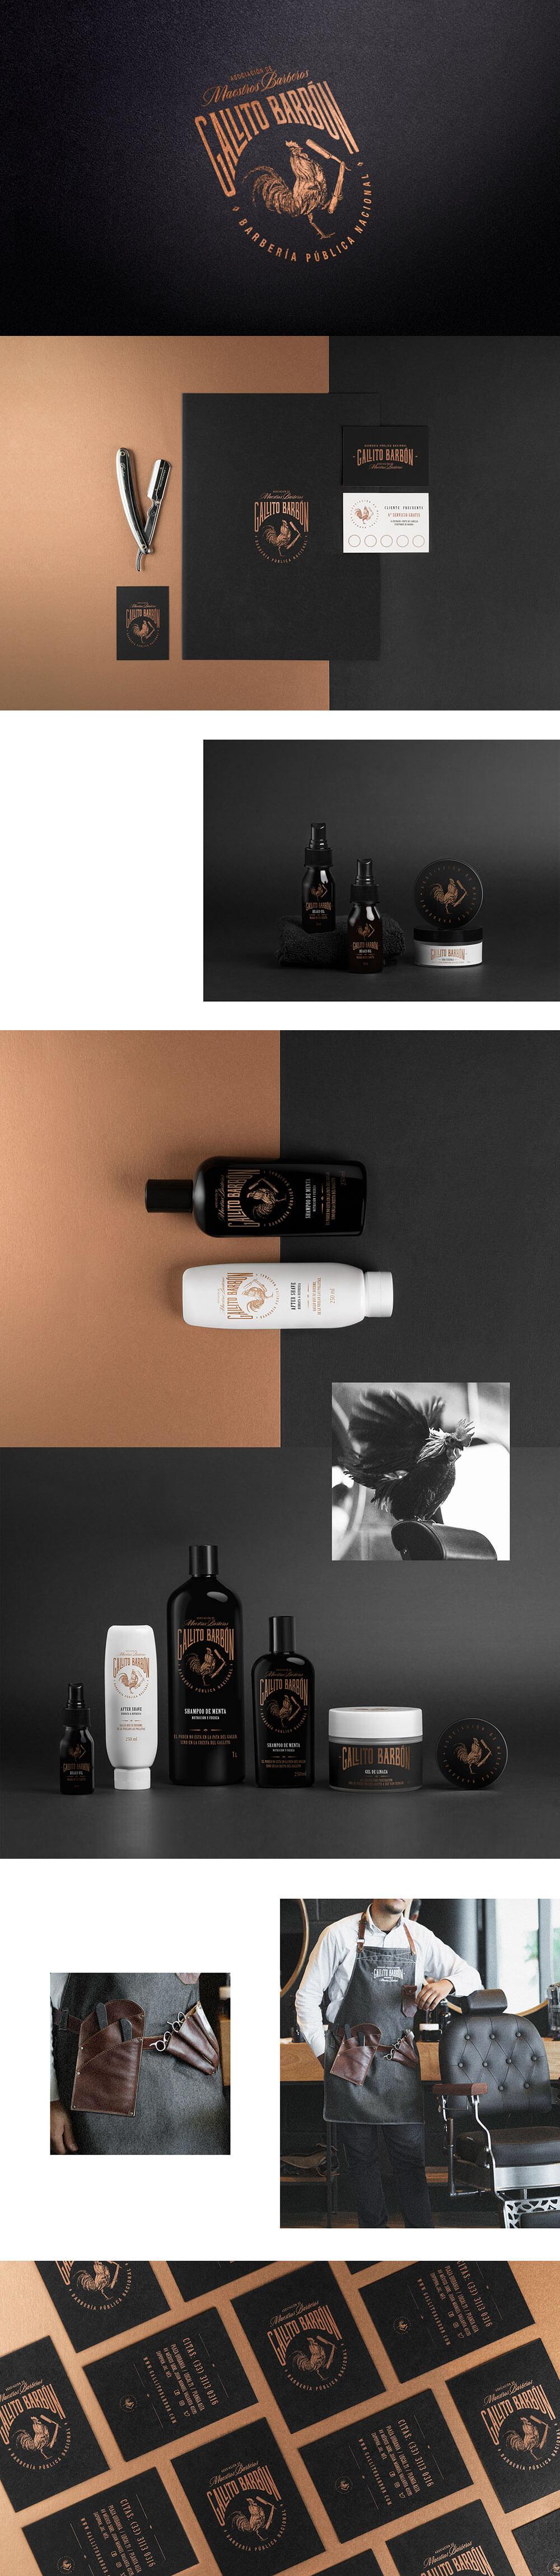 30个理发店品牌视觉设计作品集